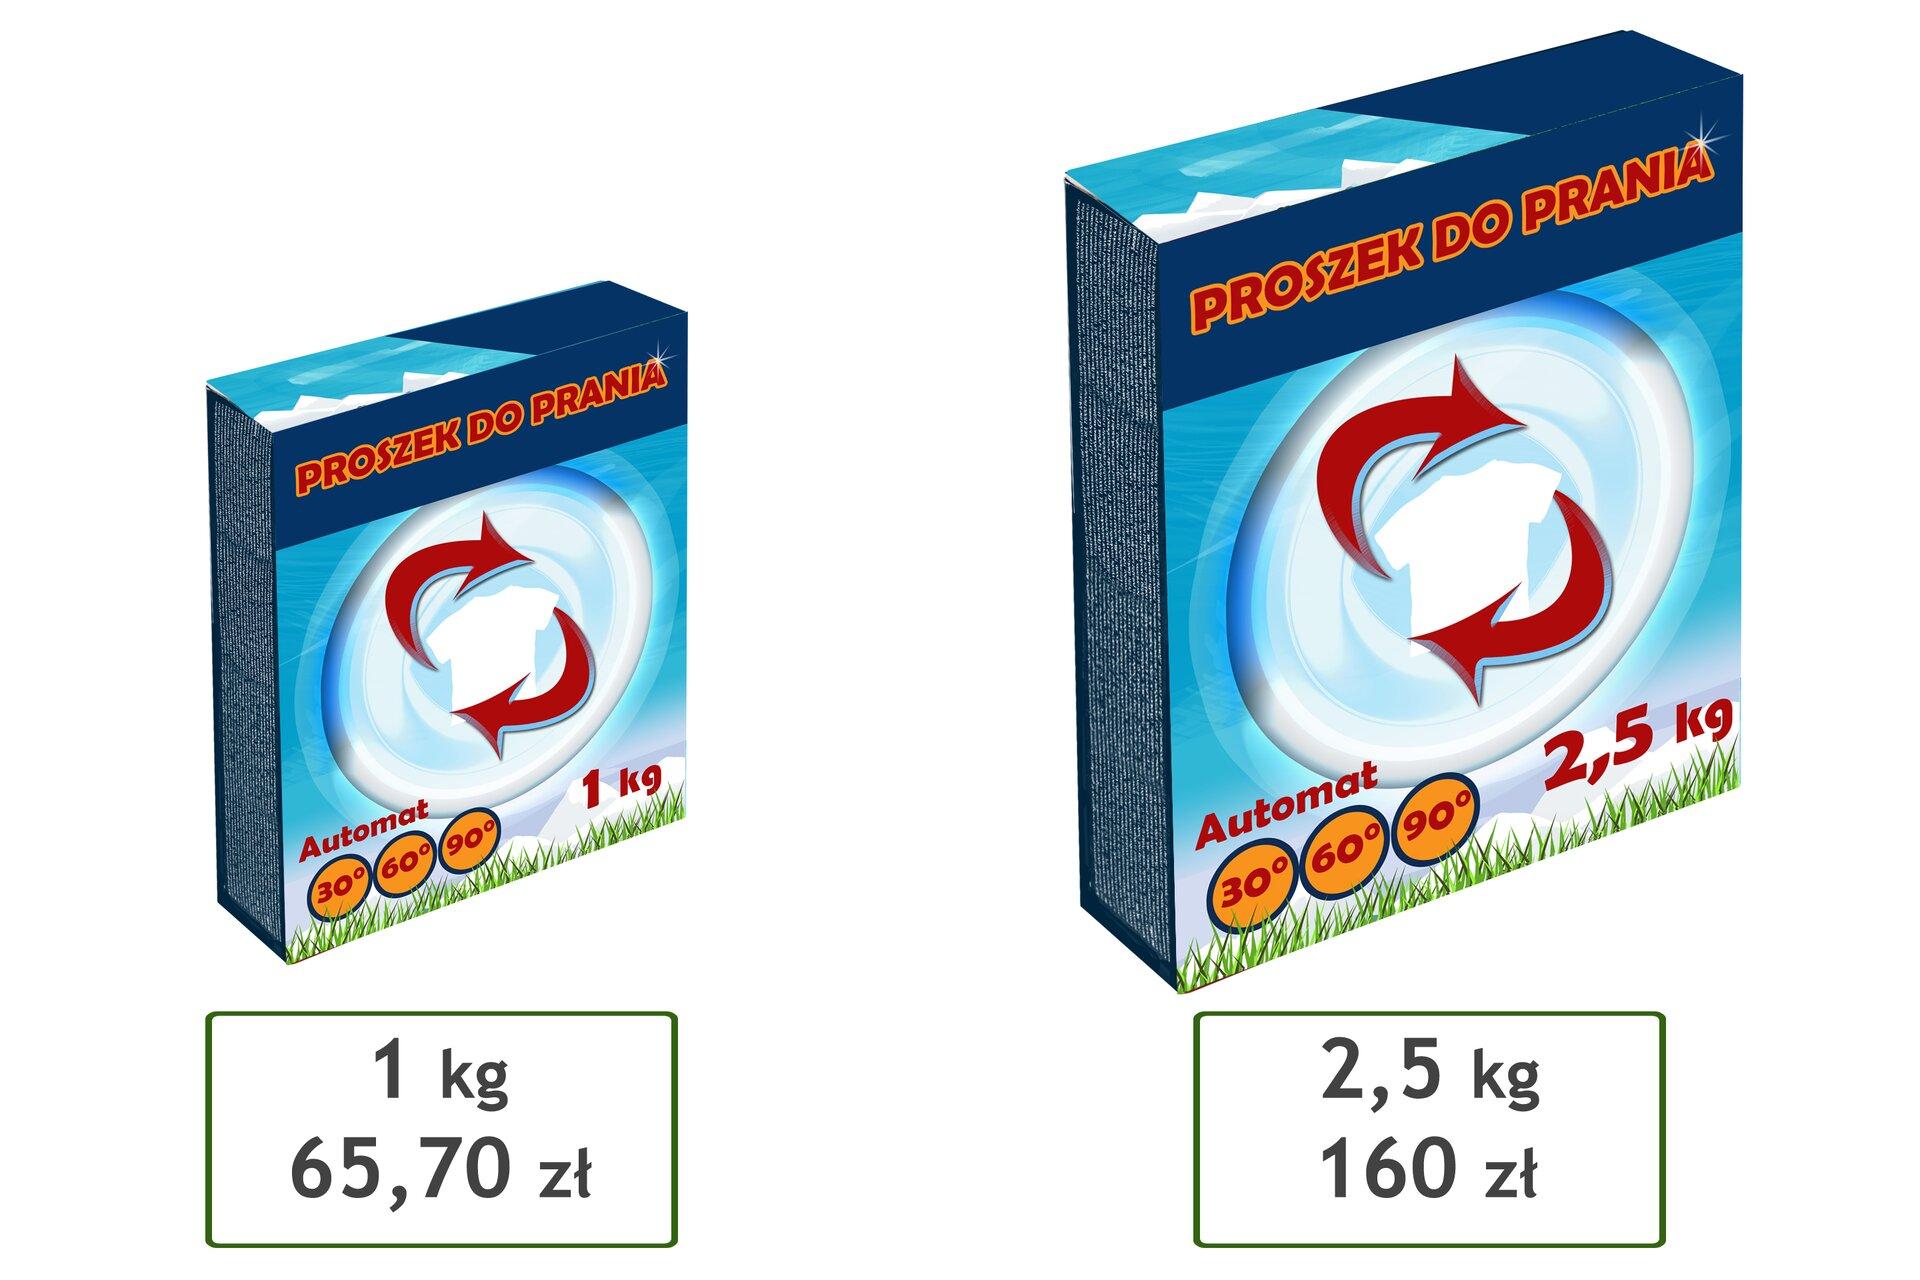 Rysunek dwóch pudełek proszku do prania. Pudełko owadze 1 kg – cena 65,70 zł. Pudełko owadze 2,5 kg – cena 160 zł.